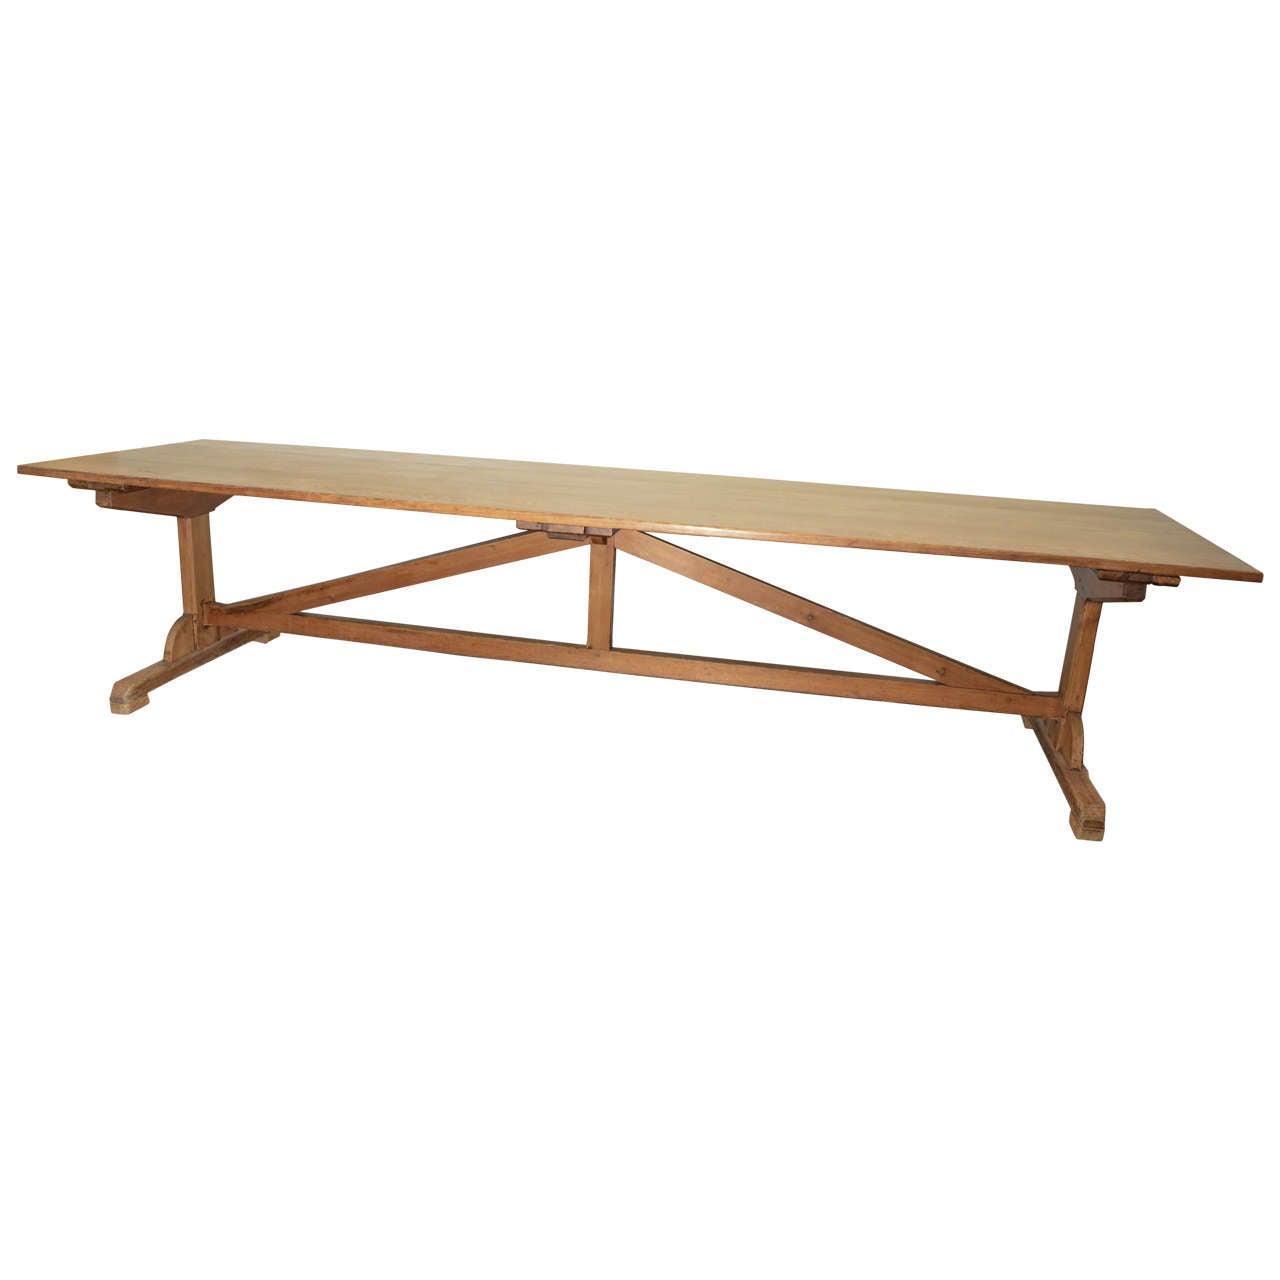 Trestle Base Oak Farm Table